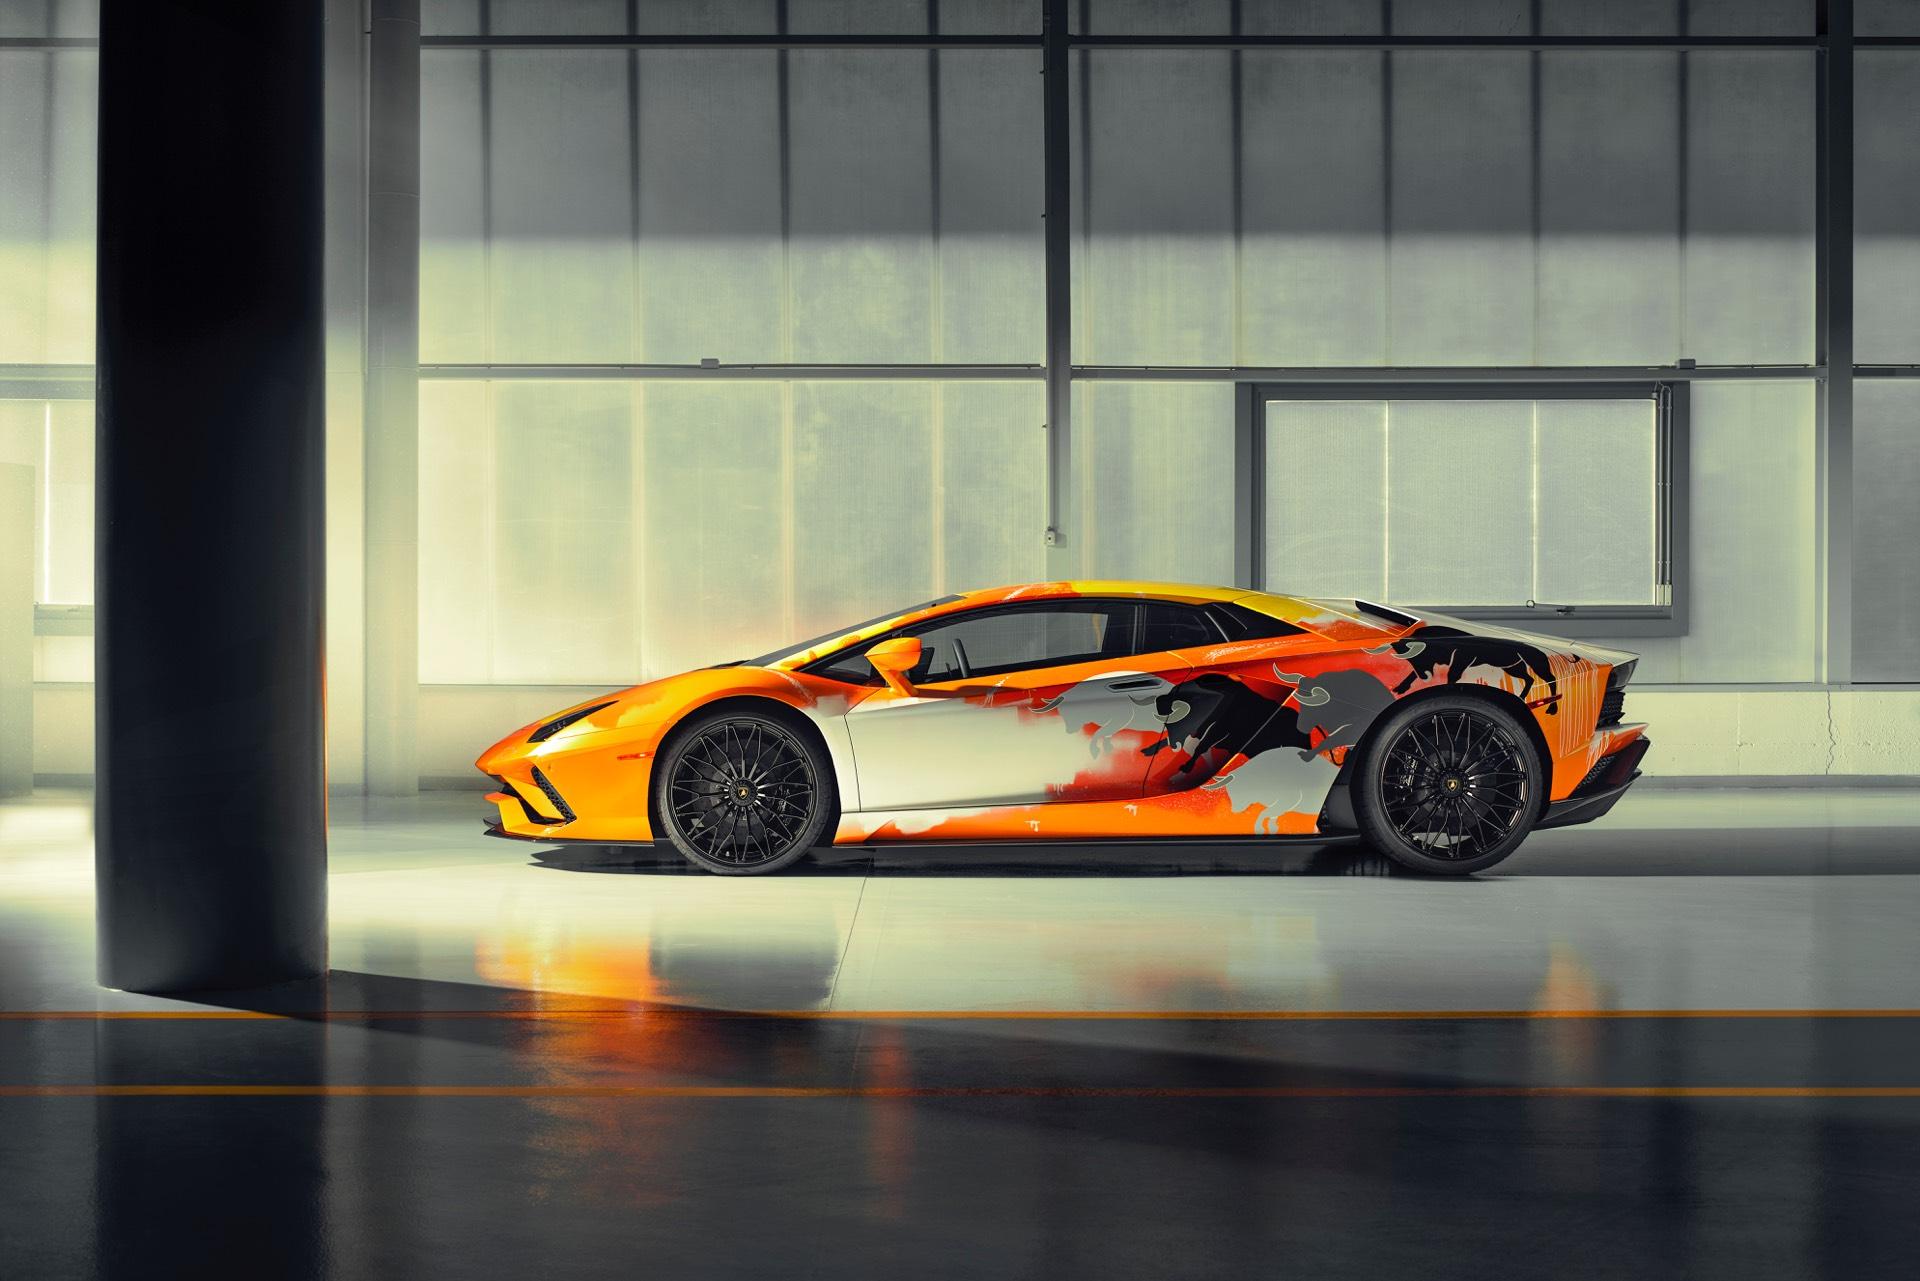 Skyler-Grey-Lamborghini-Aventador-S-Art-Car25